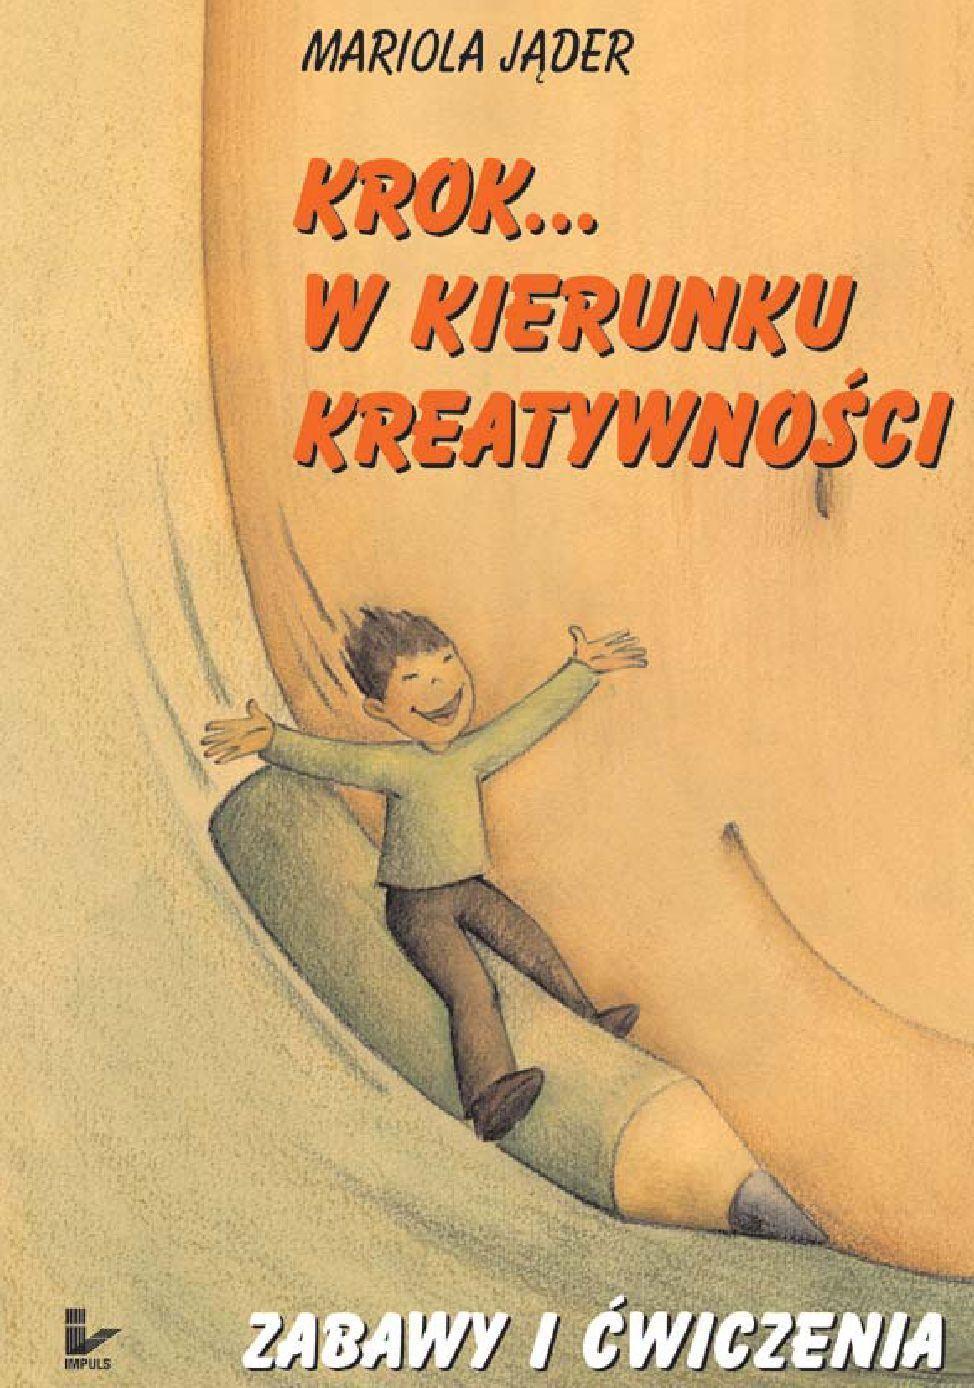 Krok w kierunku kreatywności. Zabawy - Ebook (Książka EPUB) do pobrania w formacie EPUB